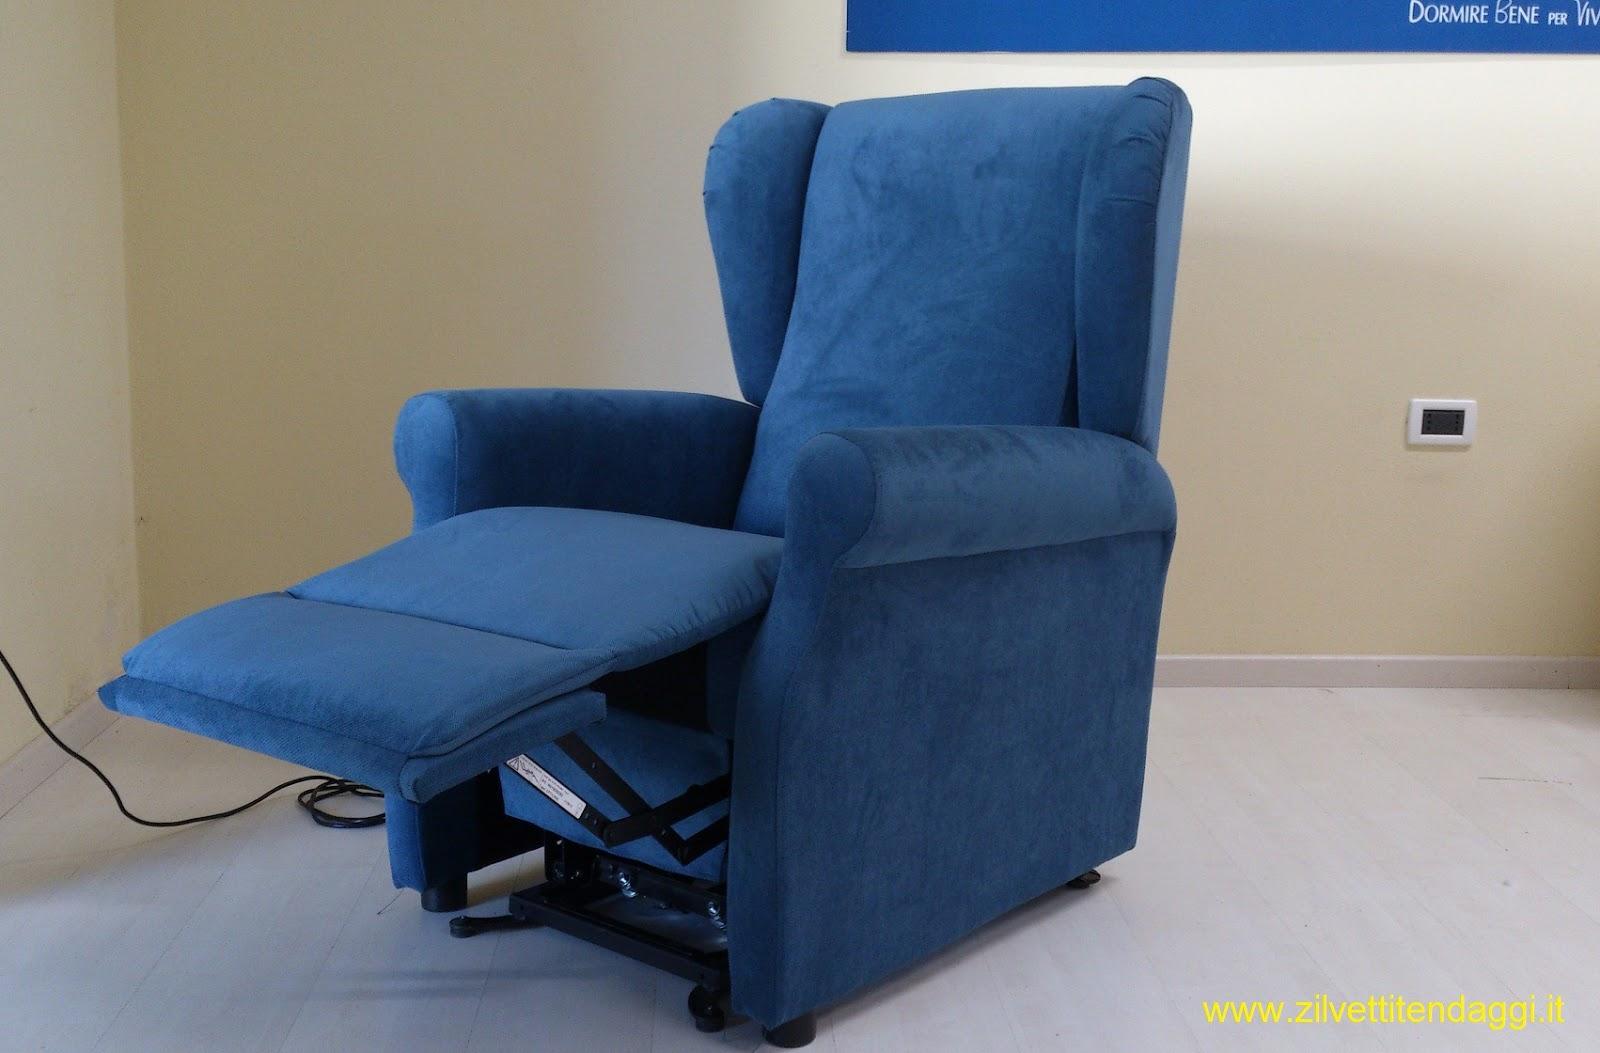 Tende materassi letti poltrone divani zilvetti tendaggi for Mondo convenienza poltrone elettriche